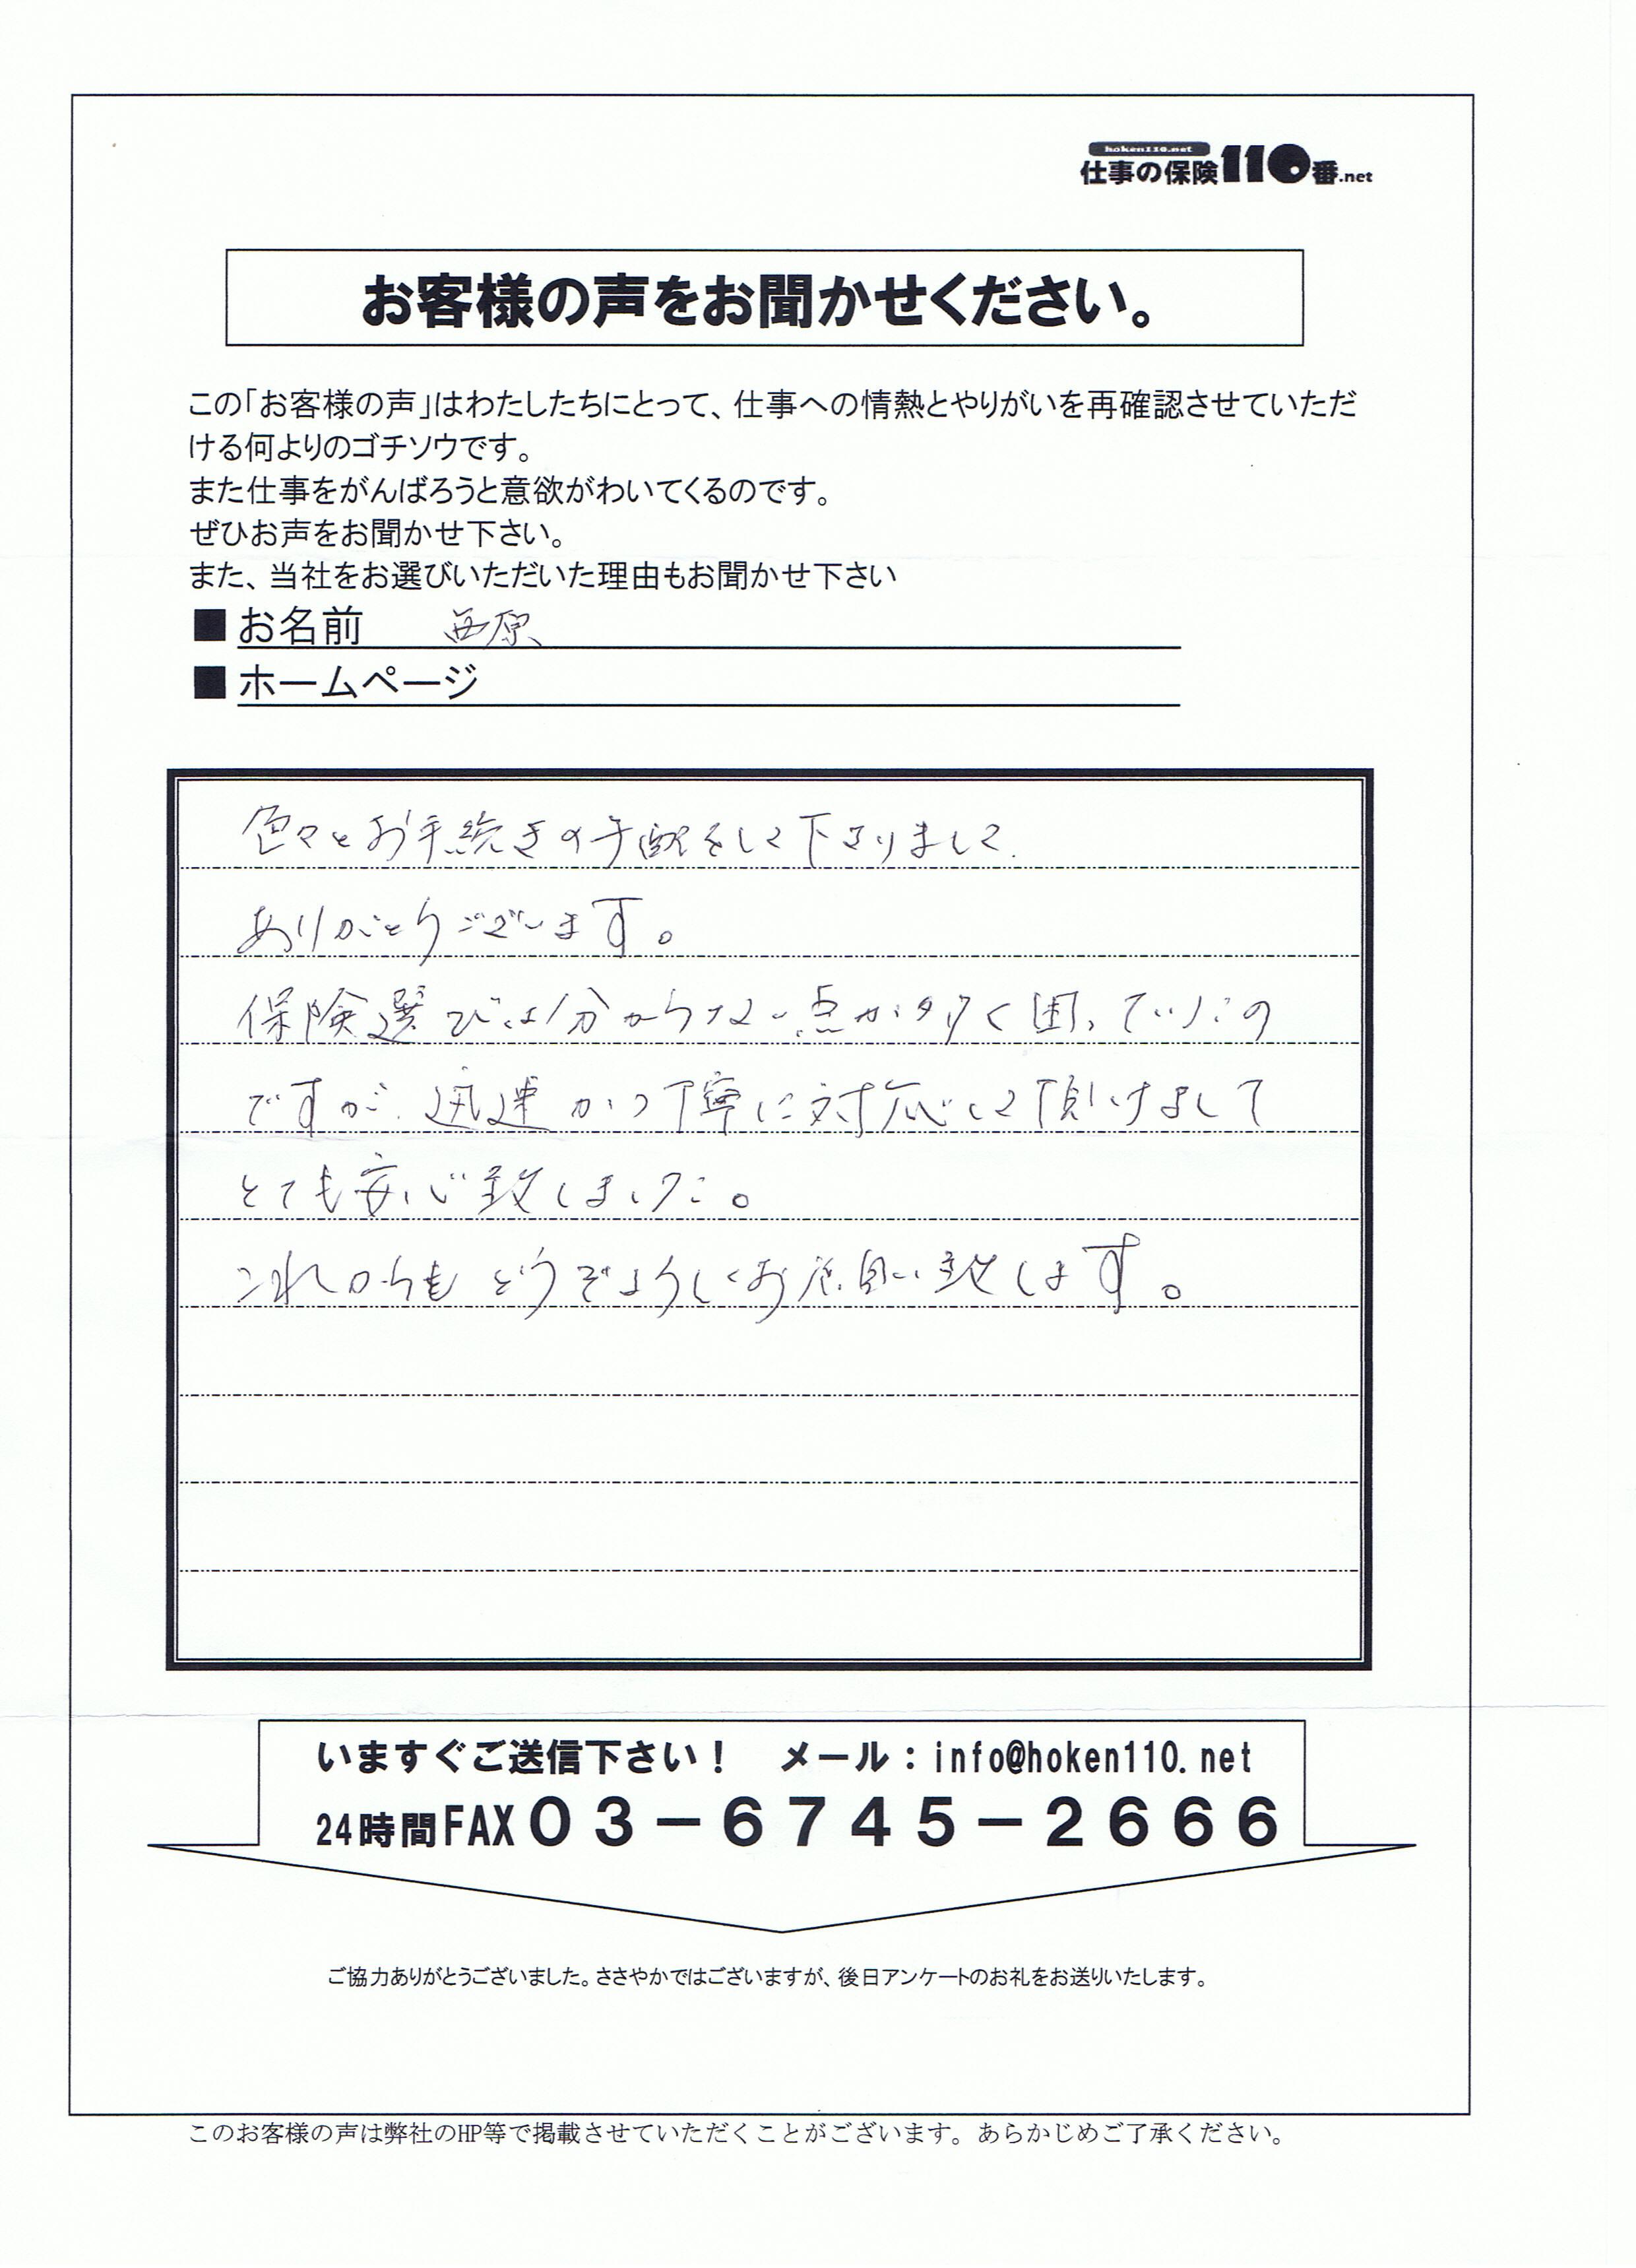 https://syotoku.biz/nishiharakoe.jpg